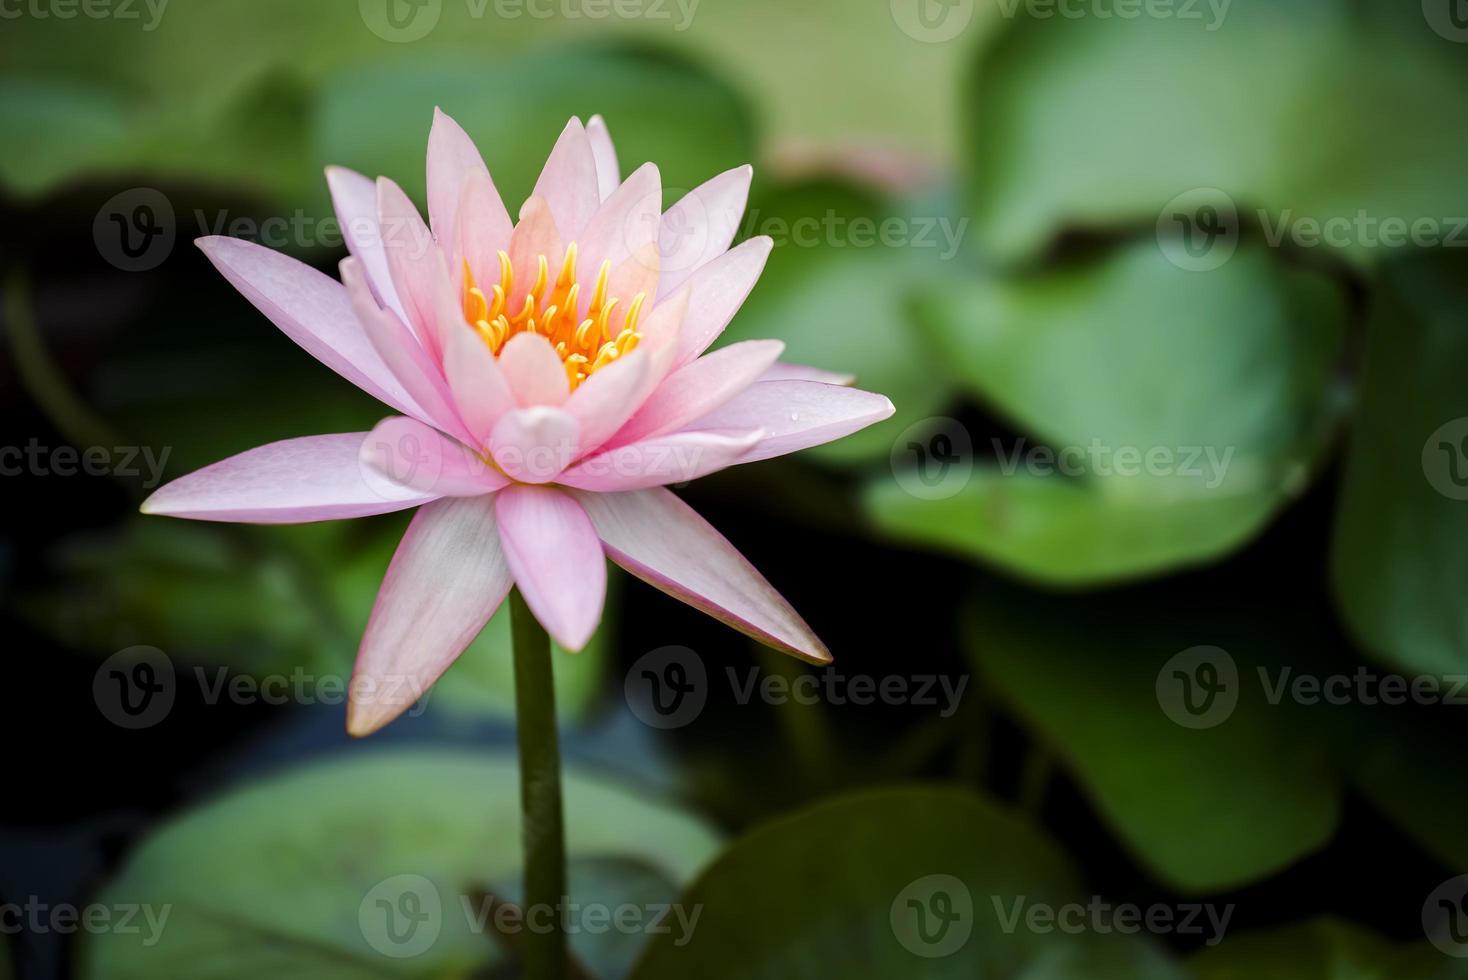 bouchent belle nénuphar rose ou fleur de lotus dans l'étang. photo